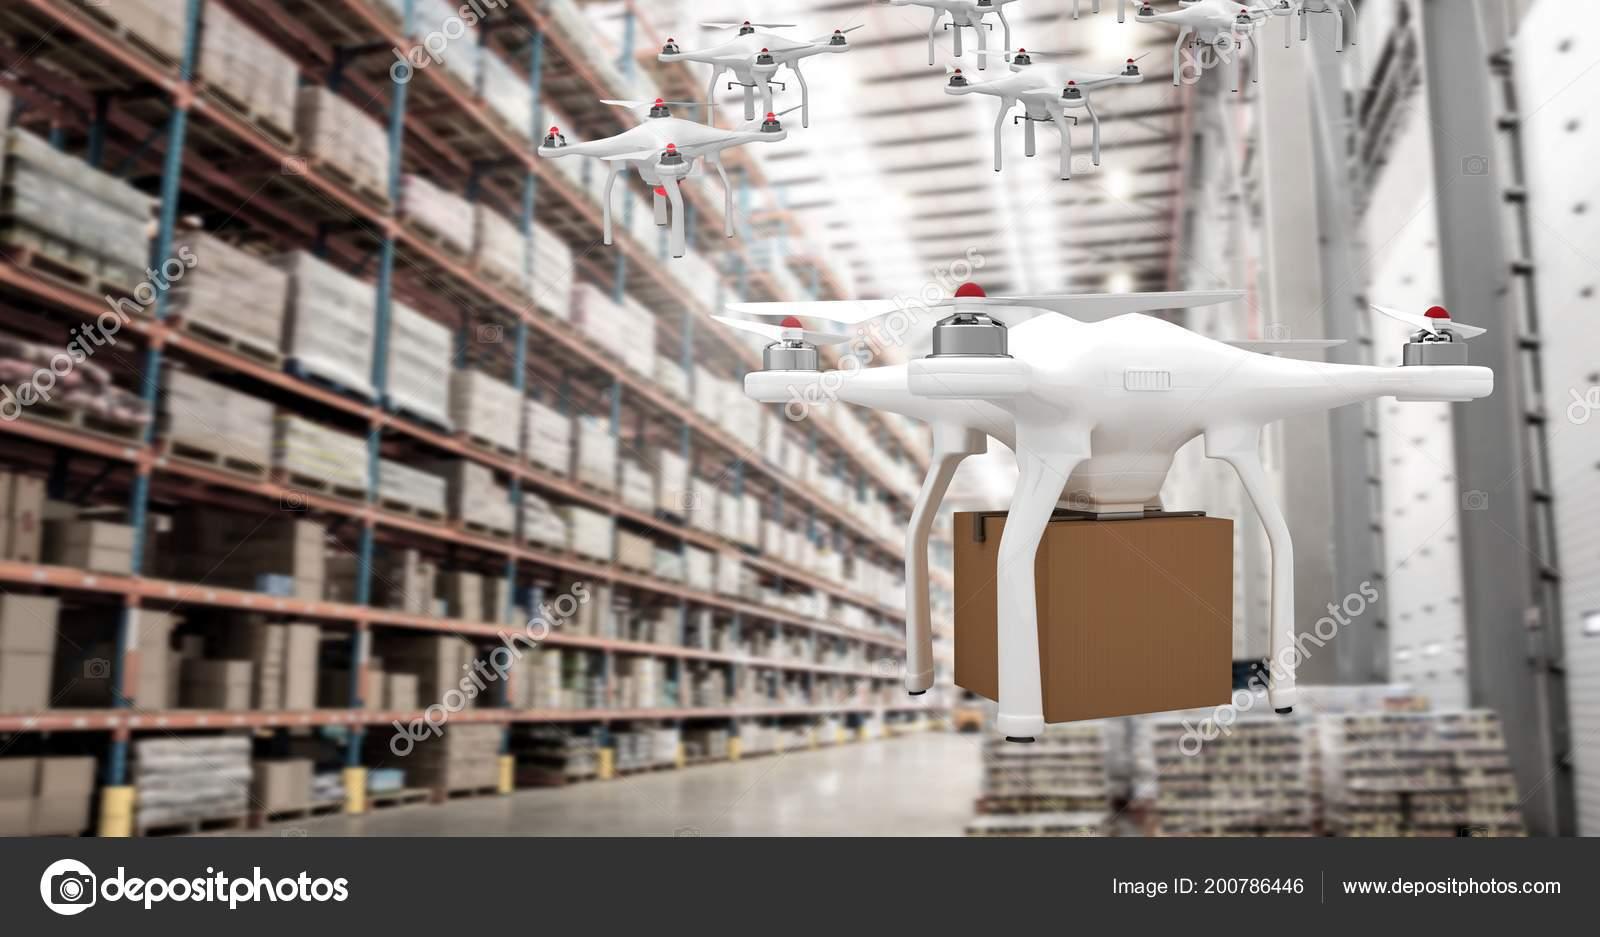 Resultado de imagen para aviones no tripulados en almacenes